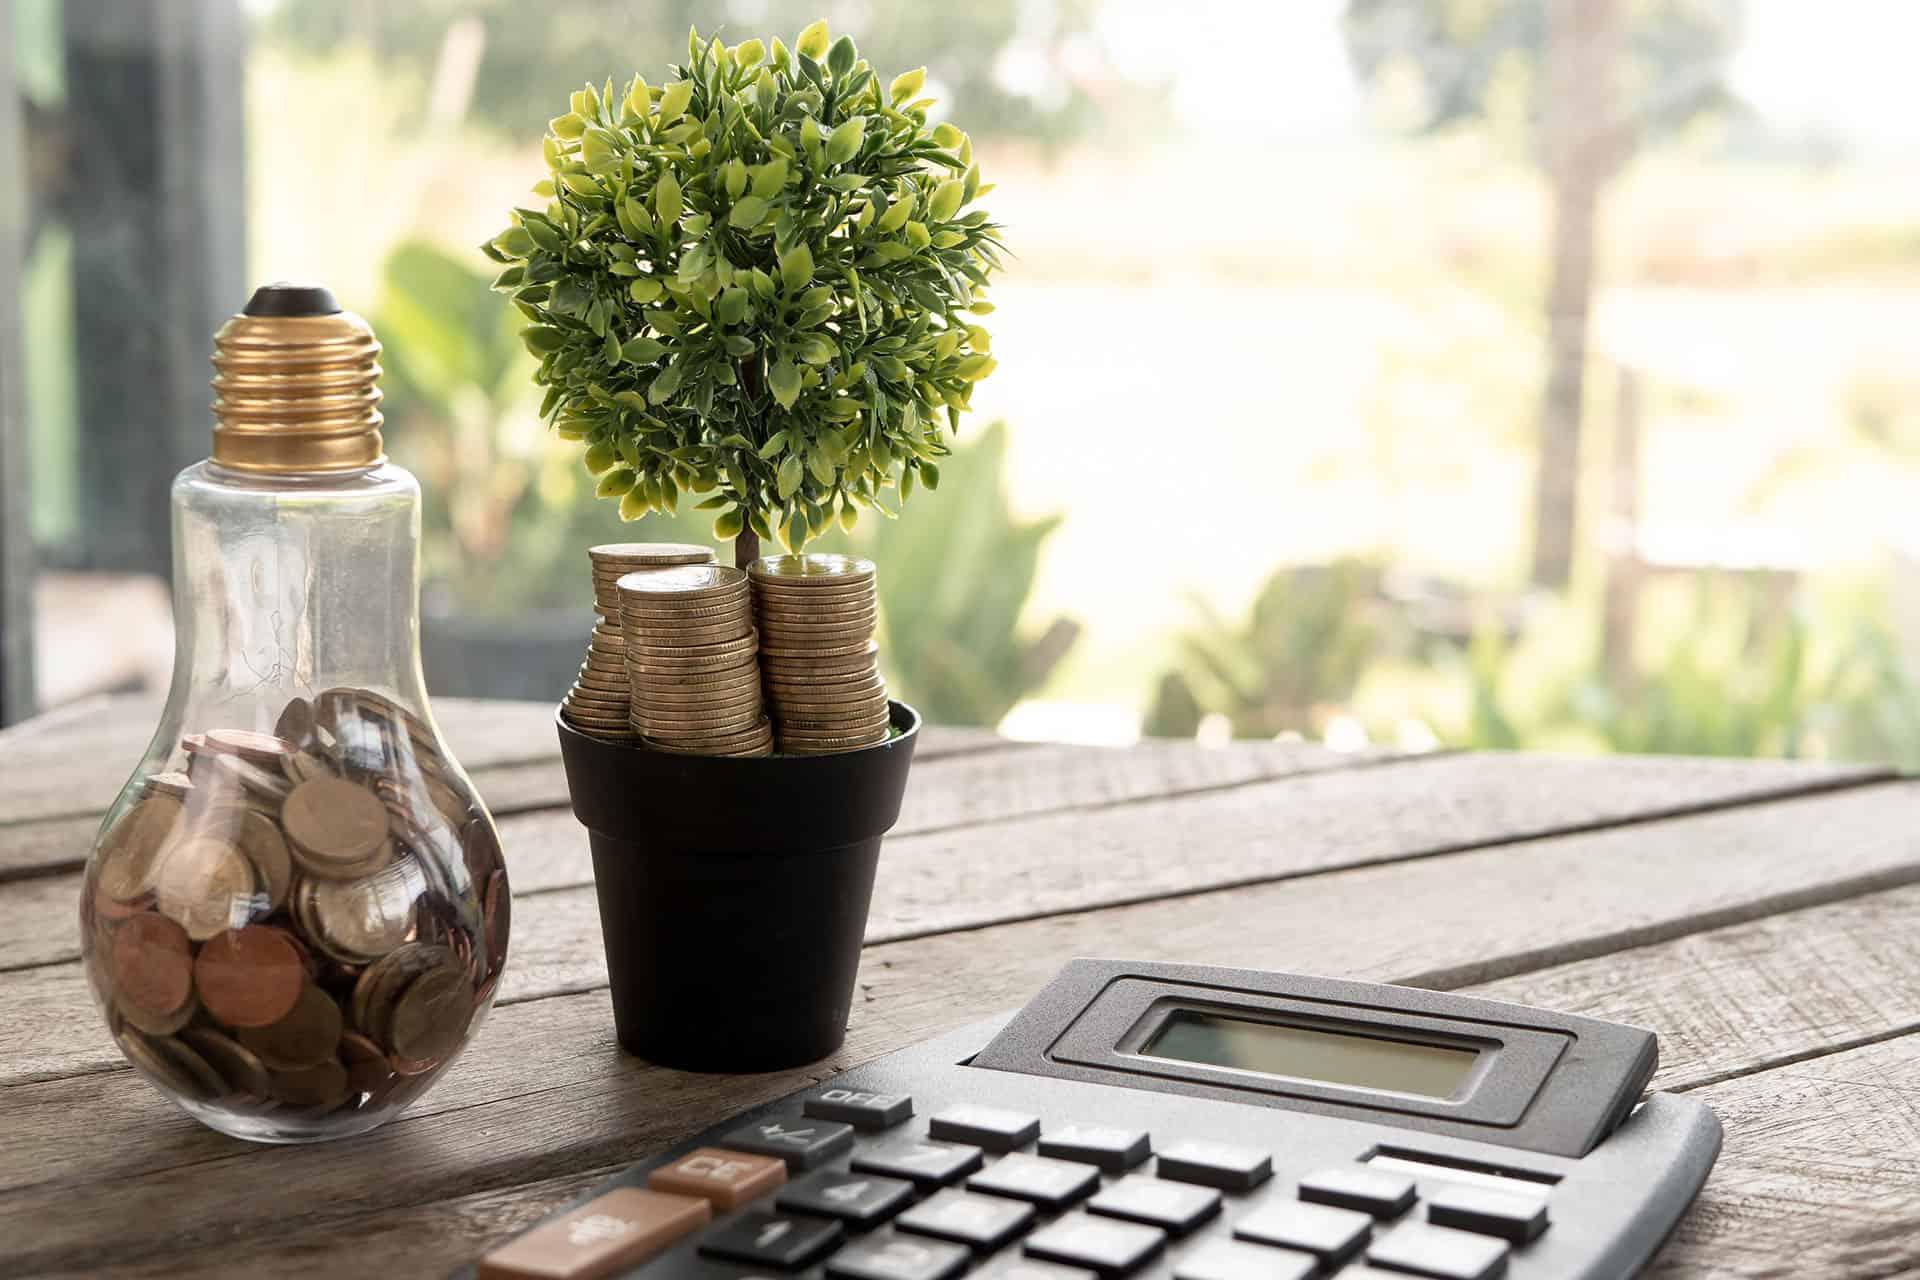 Förderung für BHKW 2020 - Glühbirne und Baum mit Münzen und Taschenrechner